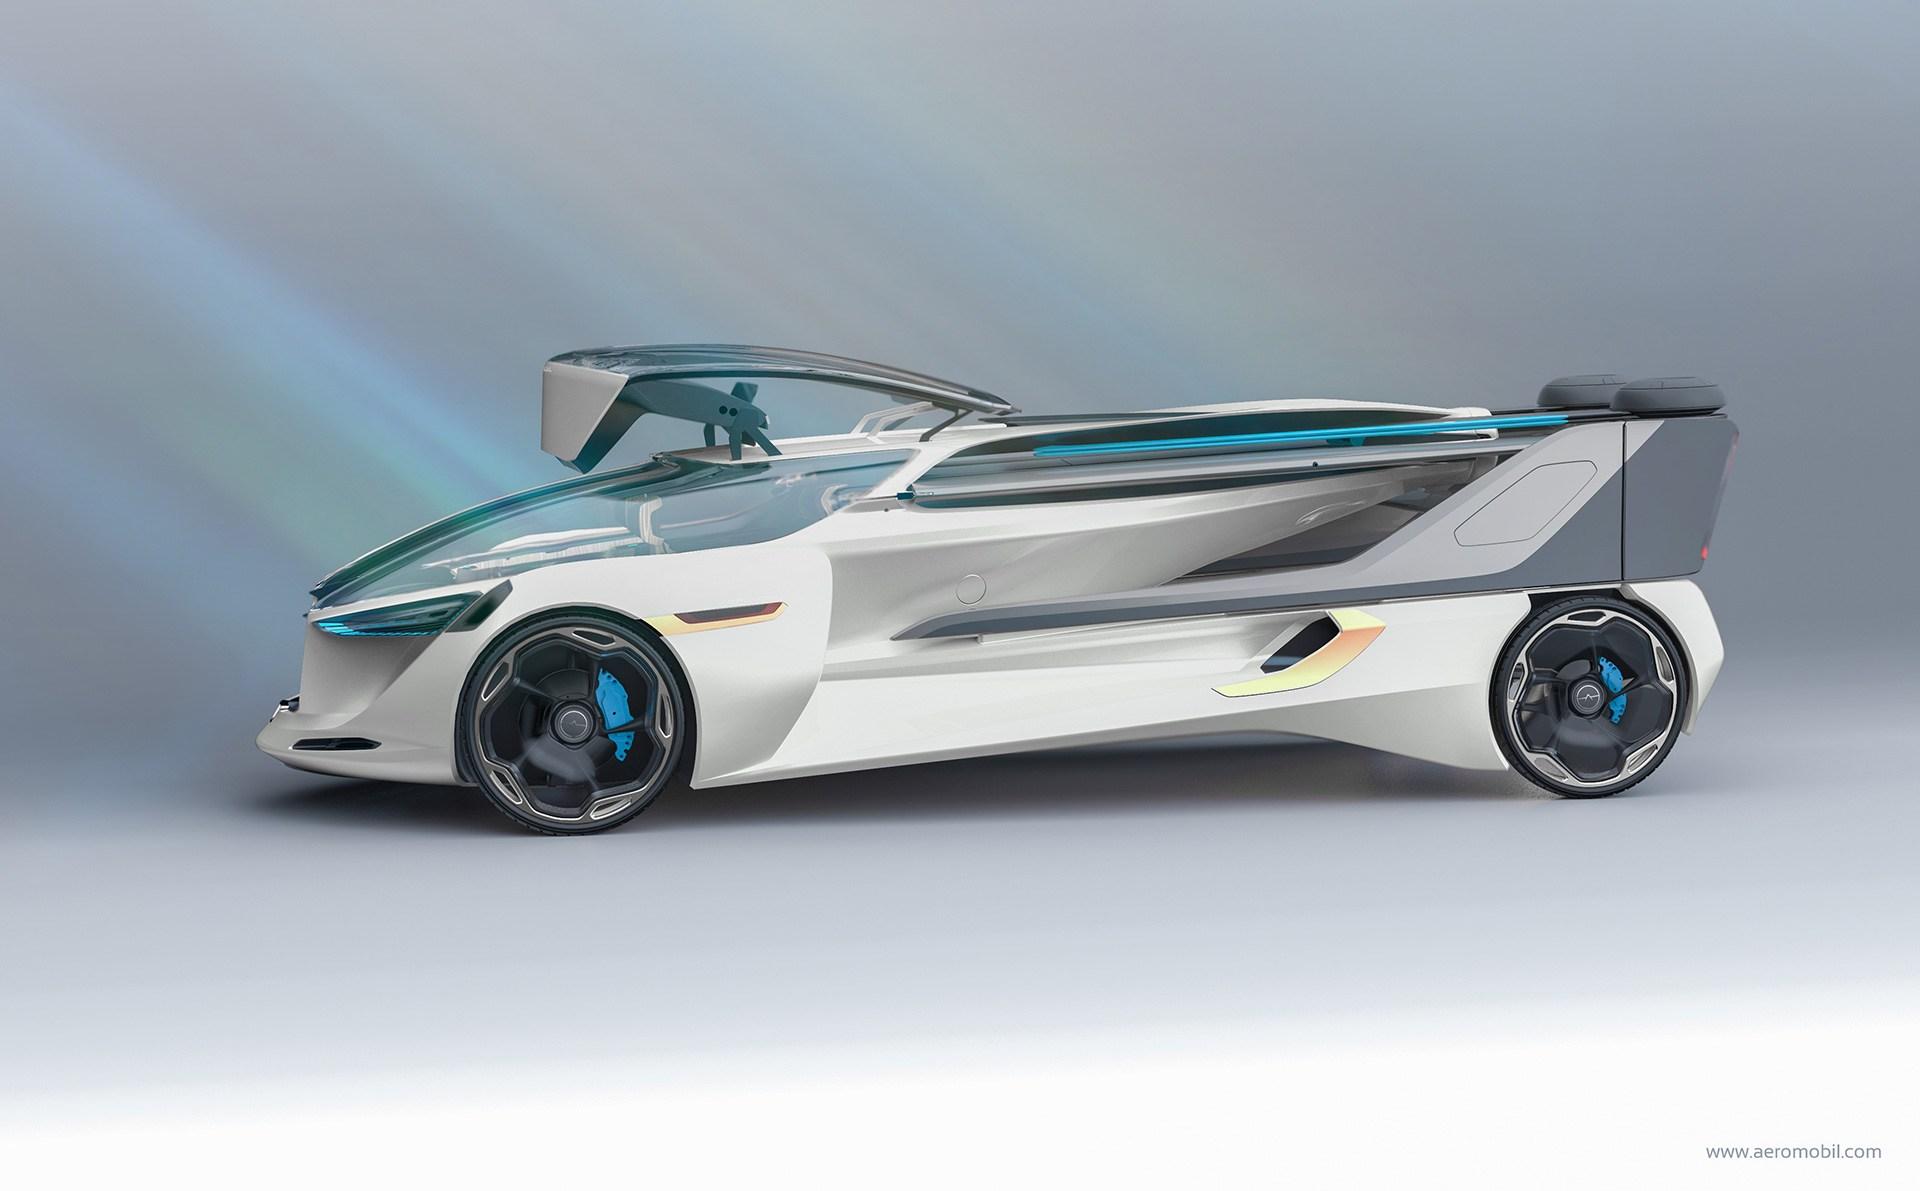 AeroMobil-5.0-VTOL-Concept-5